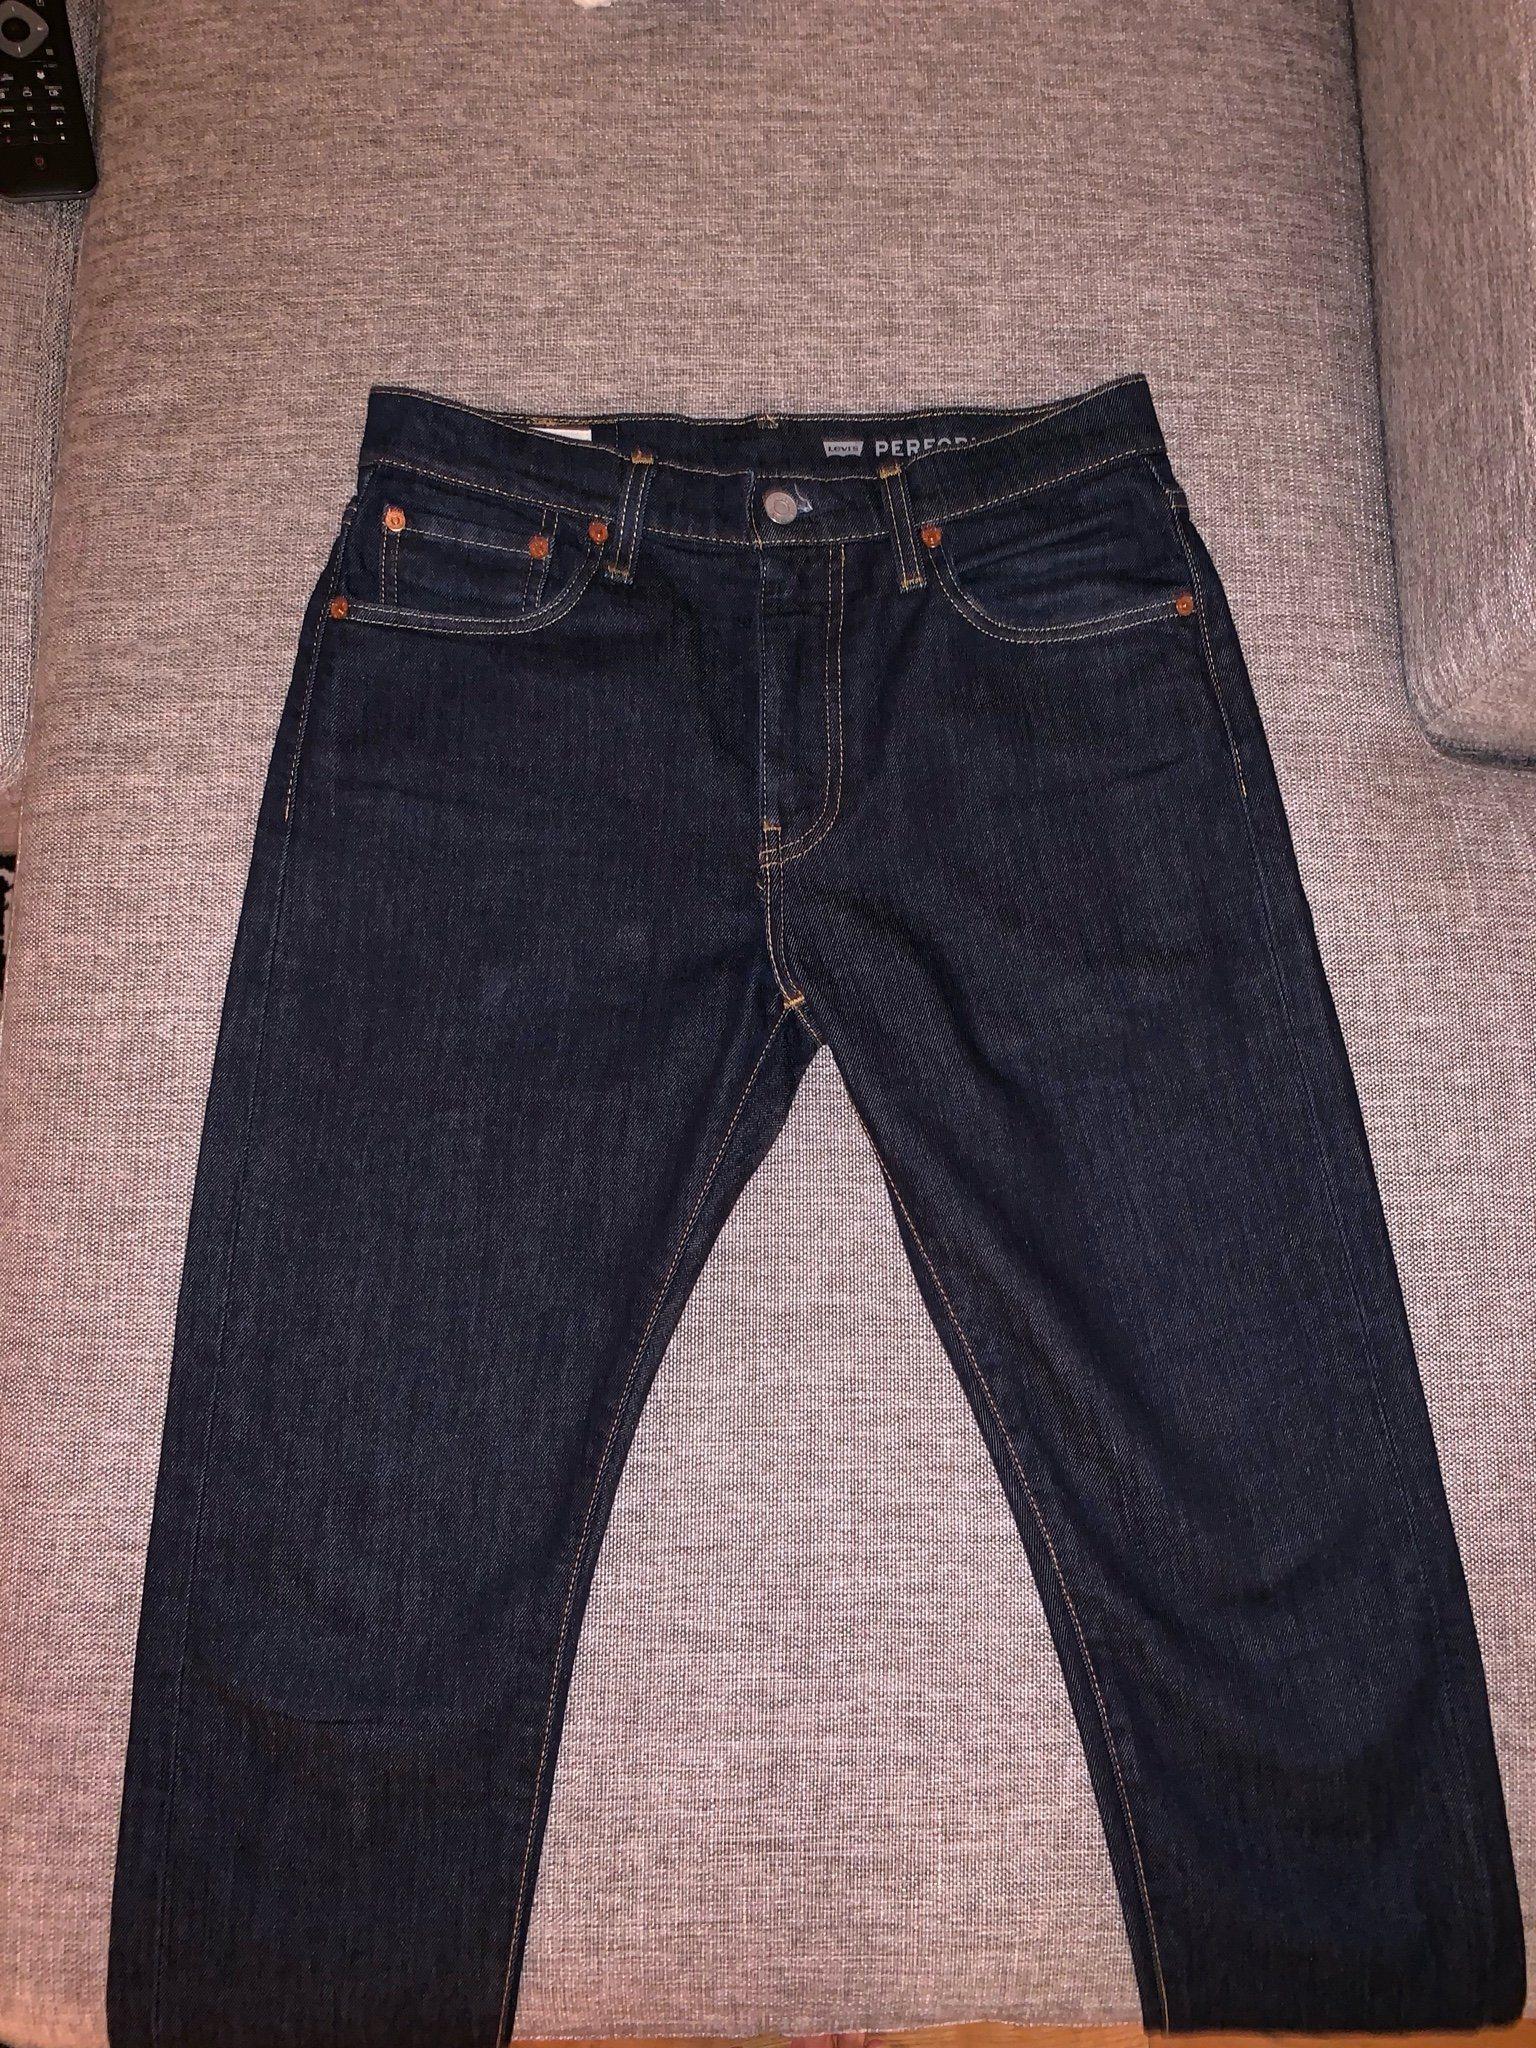 49cd5754716 Levis jeans, storlek 30/30 (340558540) ᐈ Köp på Tradera